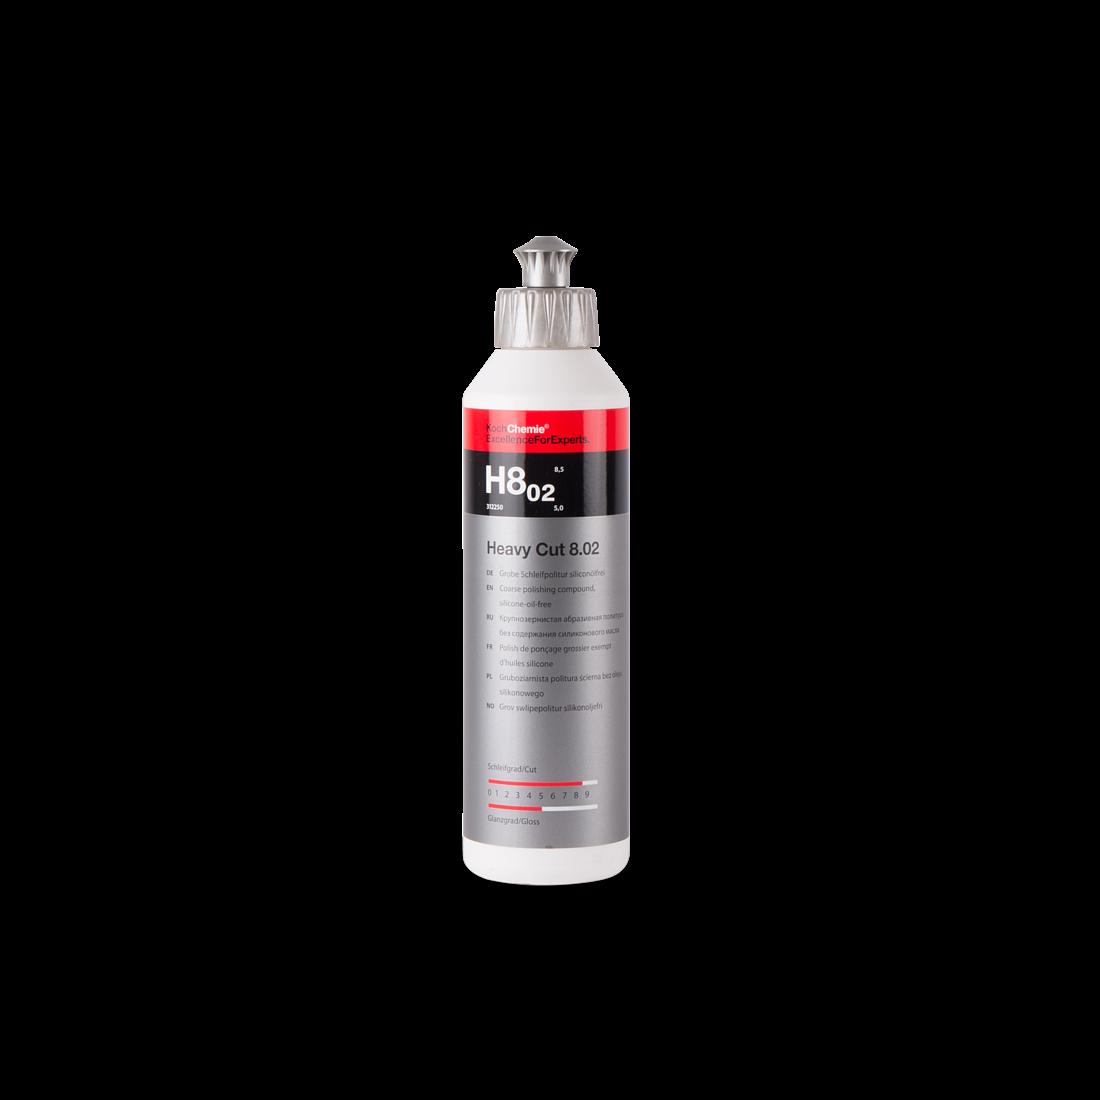 Полировальная паста Высокоабразивная Koch Chemie H8.02 HEAVY CUT (250мл)